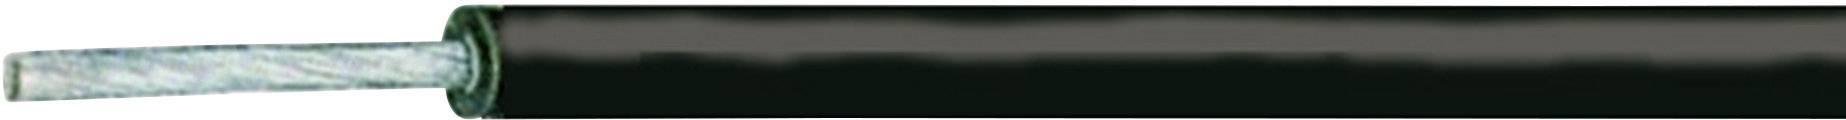 Pletenica SiL-SiAF 1 x 6 mm, črna XBK Kabel cena za meter